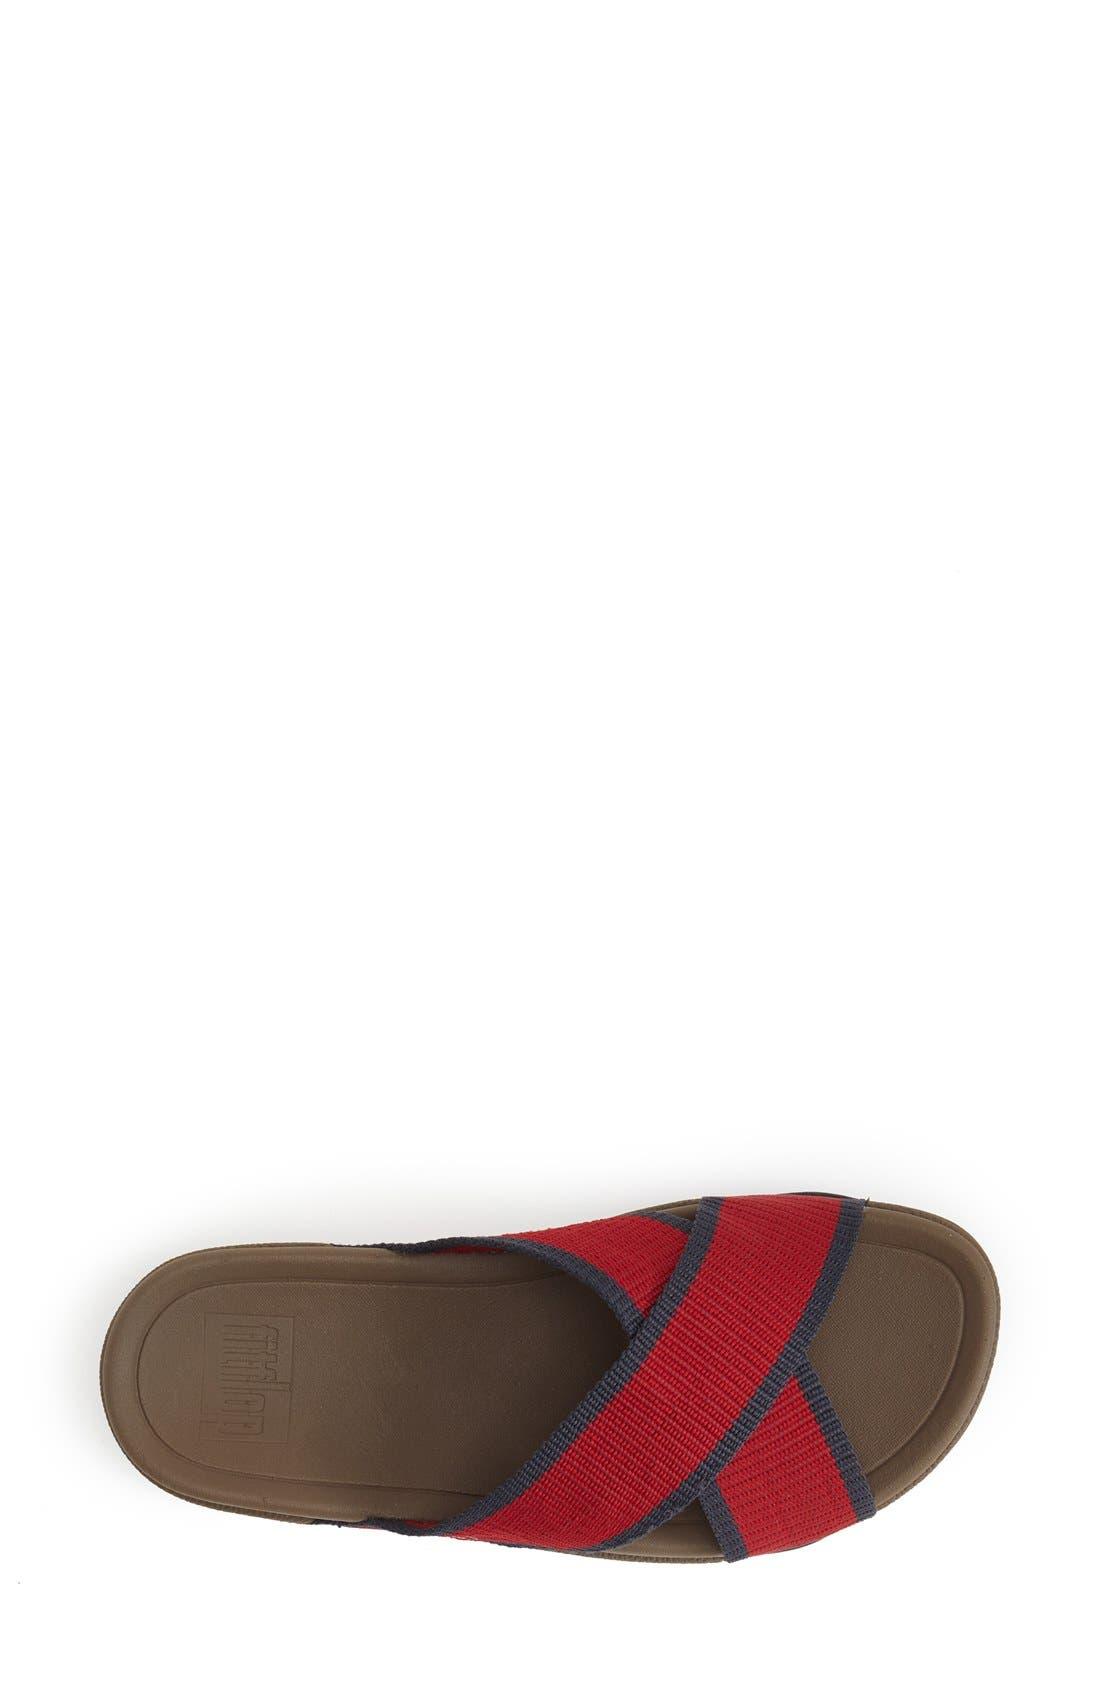 Alternate Image 3  - FitFlop™ 'Surfer' Slide Sandal (Men)